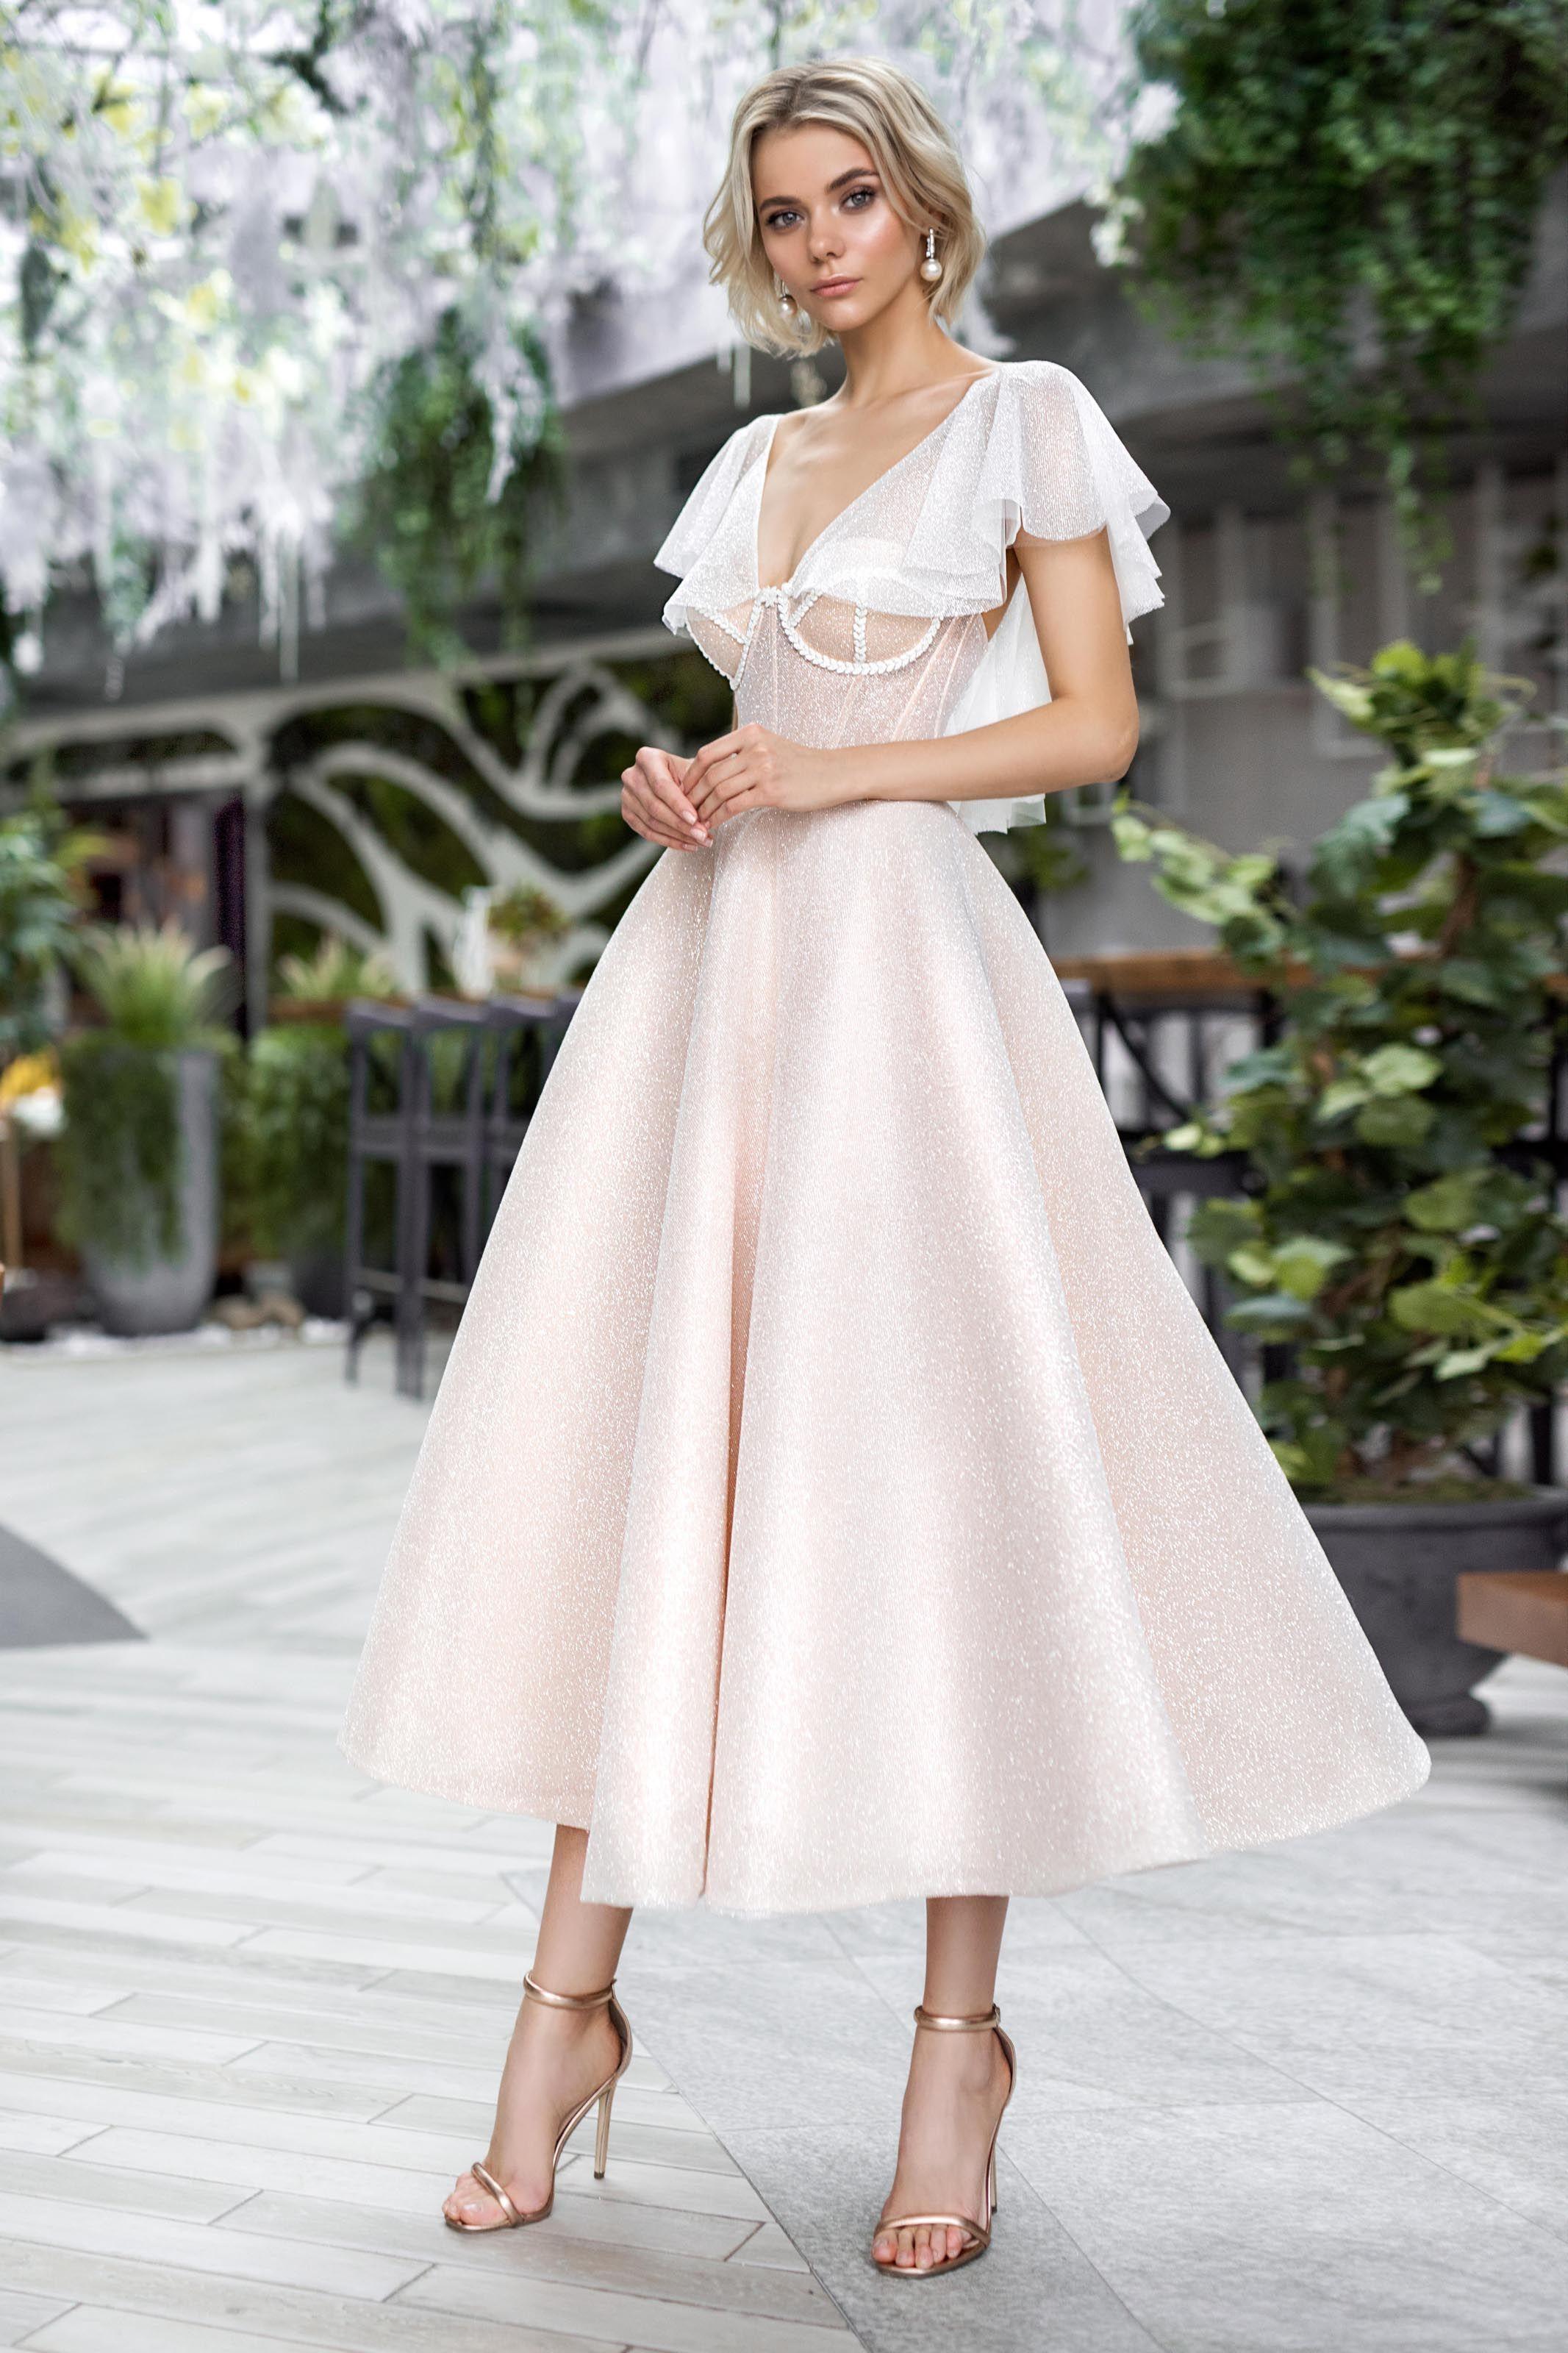 Wedding Gown Strekoza Selesta Luxx Nova Short Wedding Dress Guest Dresses Beach Wedding Dress Boho [ 3200 x 2133 Pixel ]